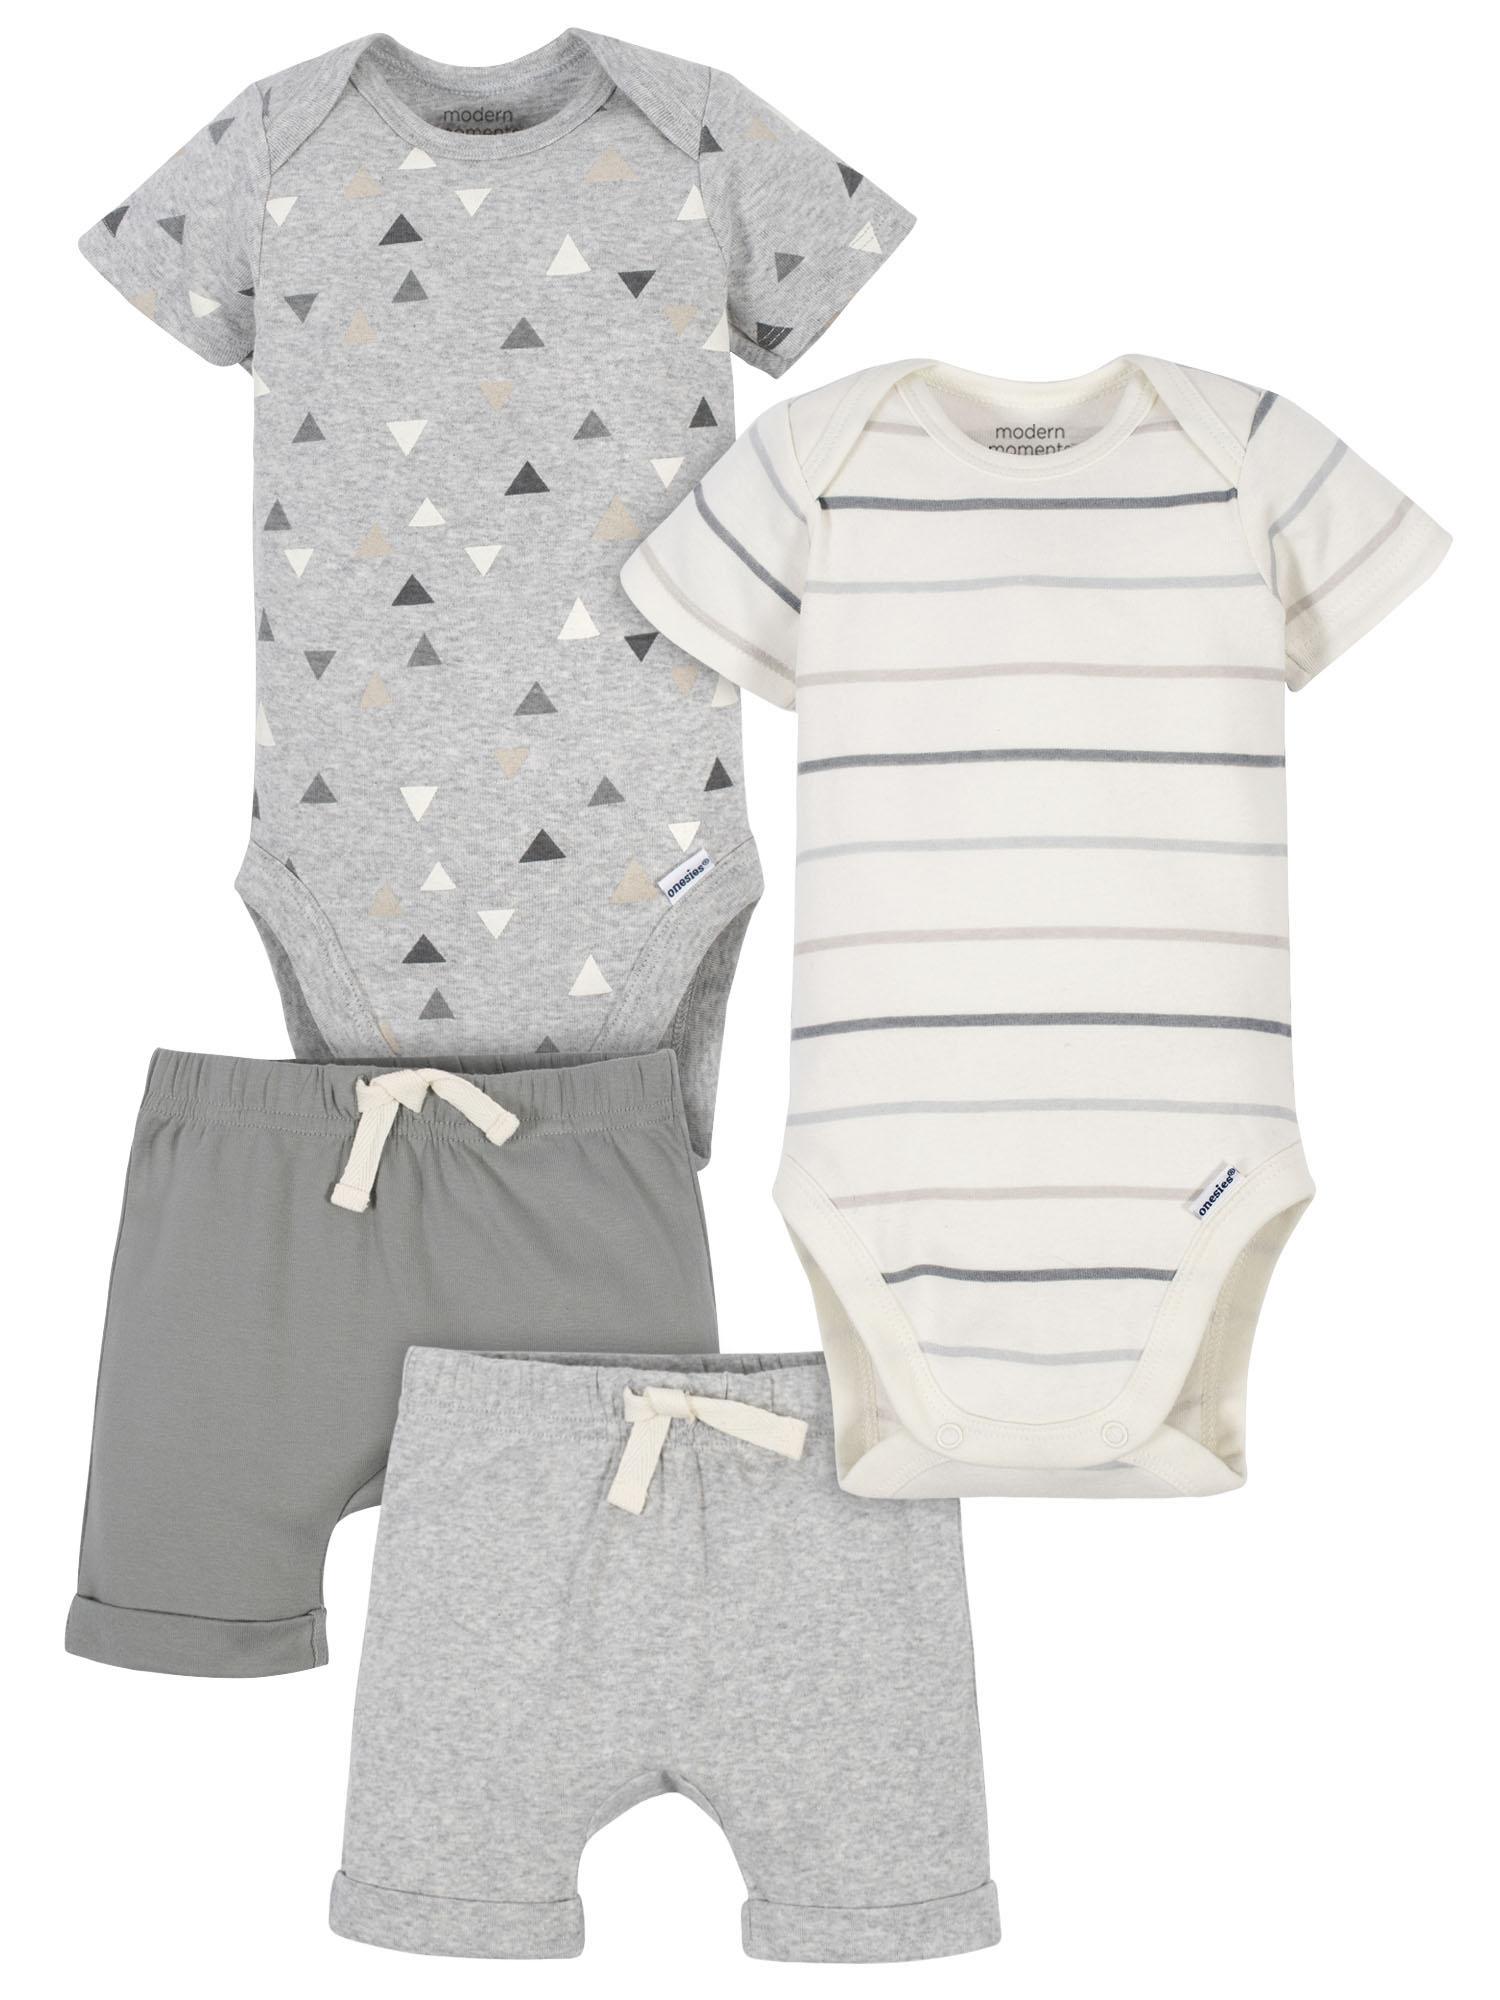 Gold and white  Baby Boy 4piece onesie setww